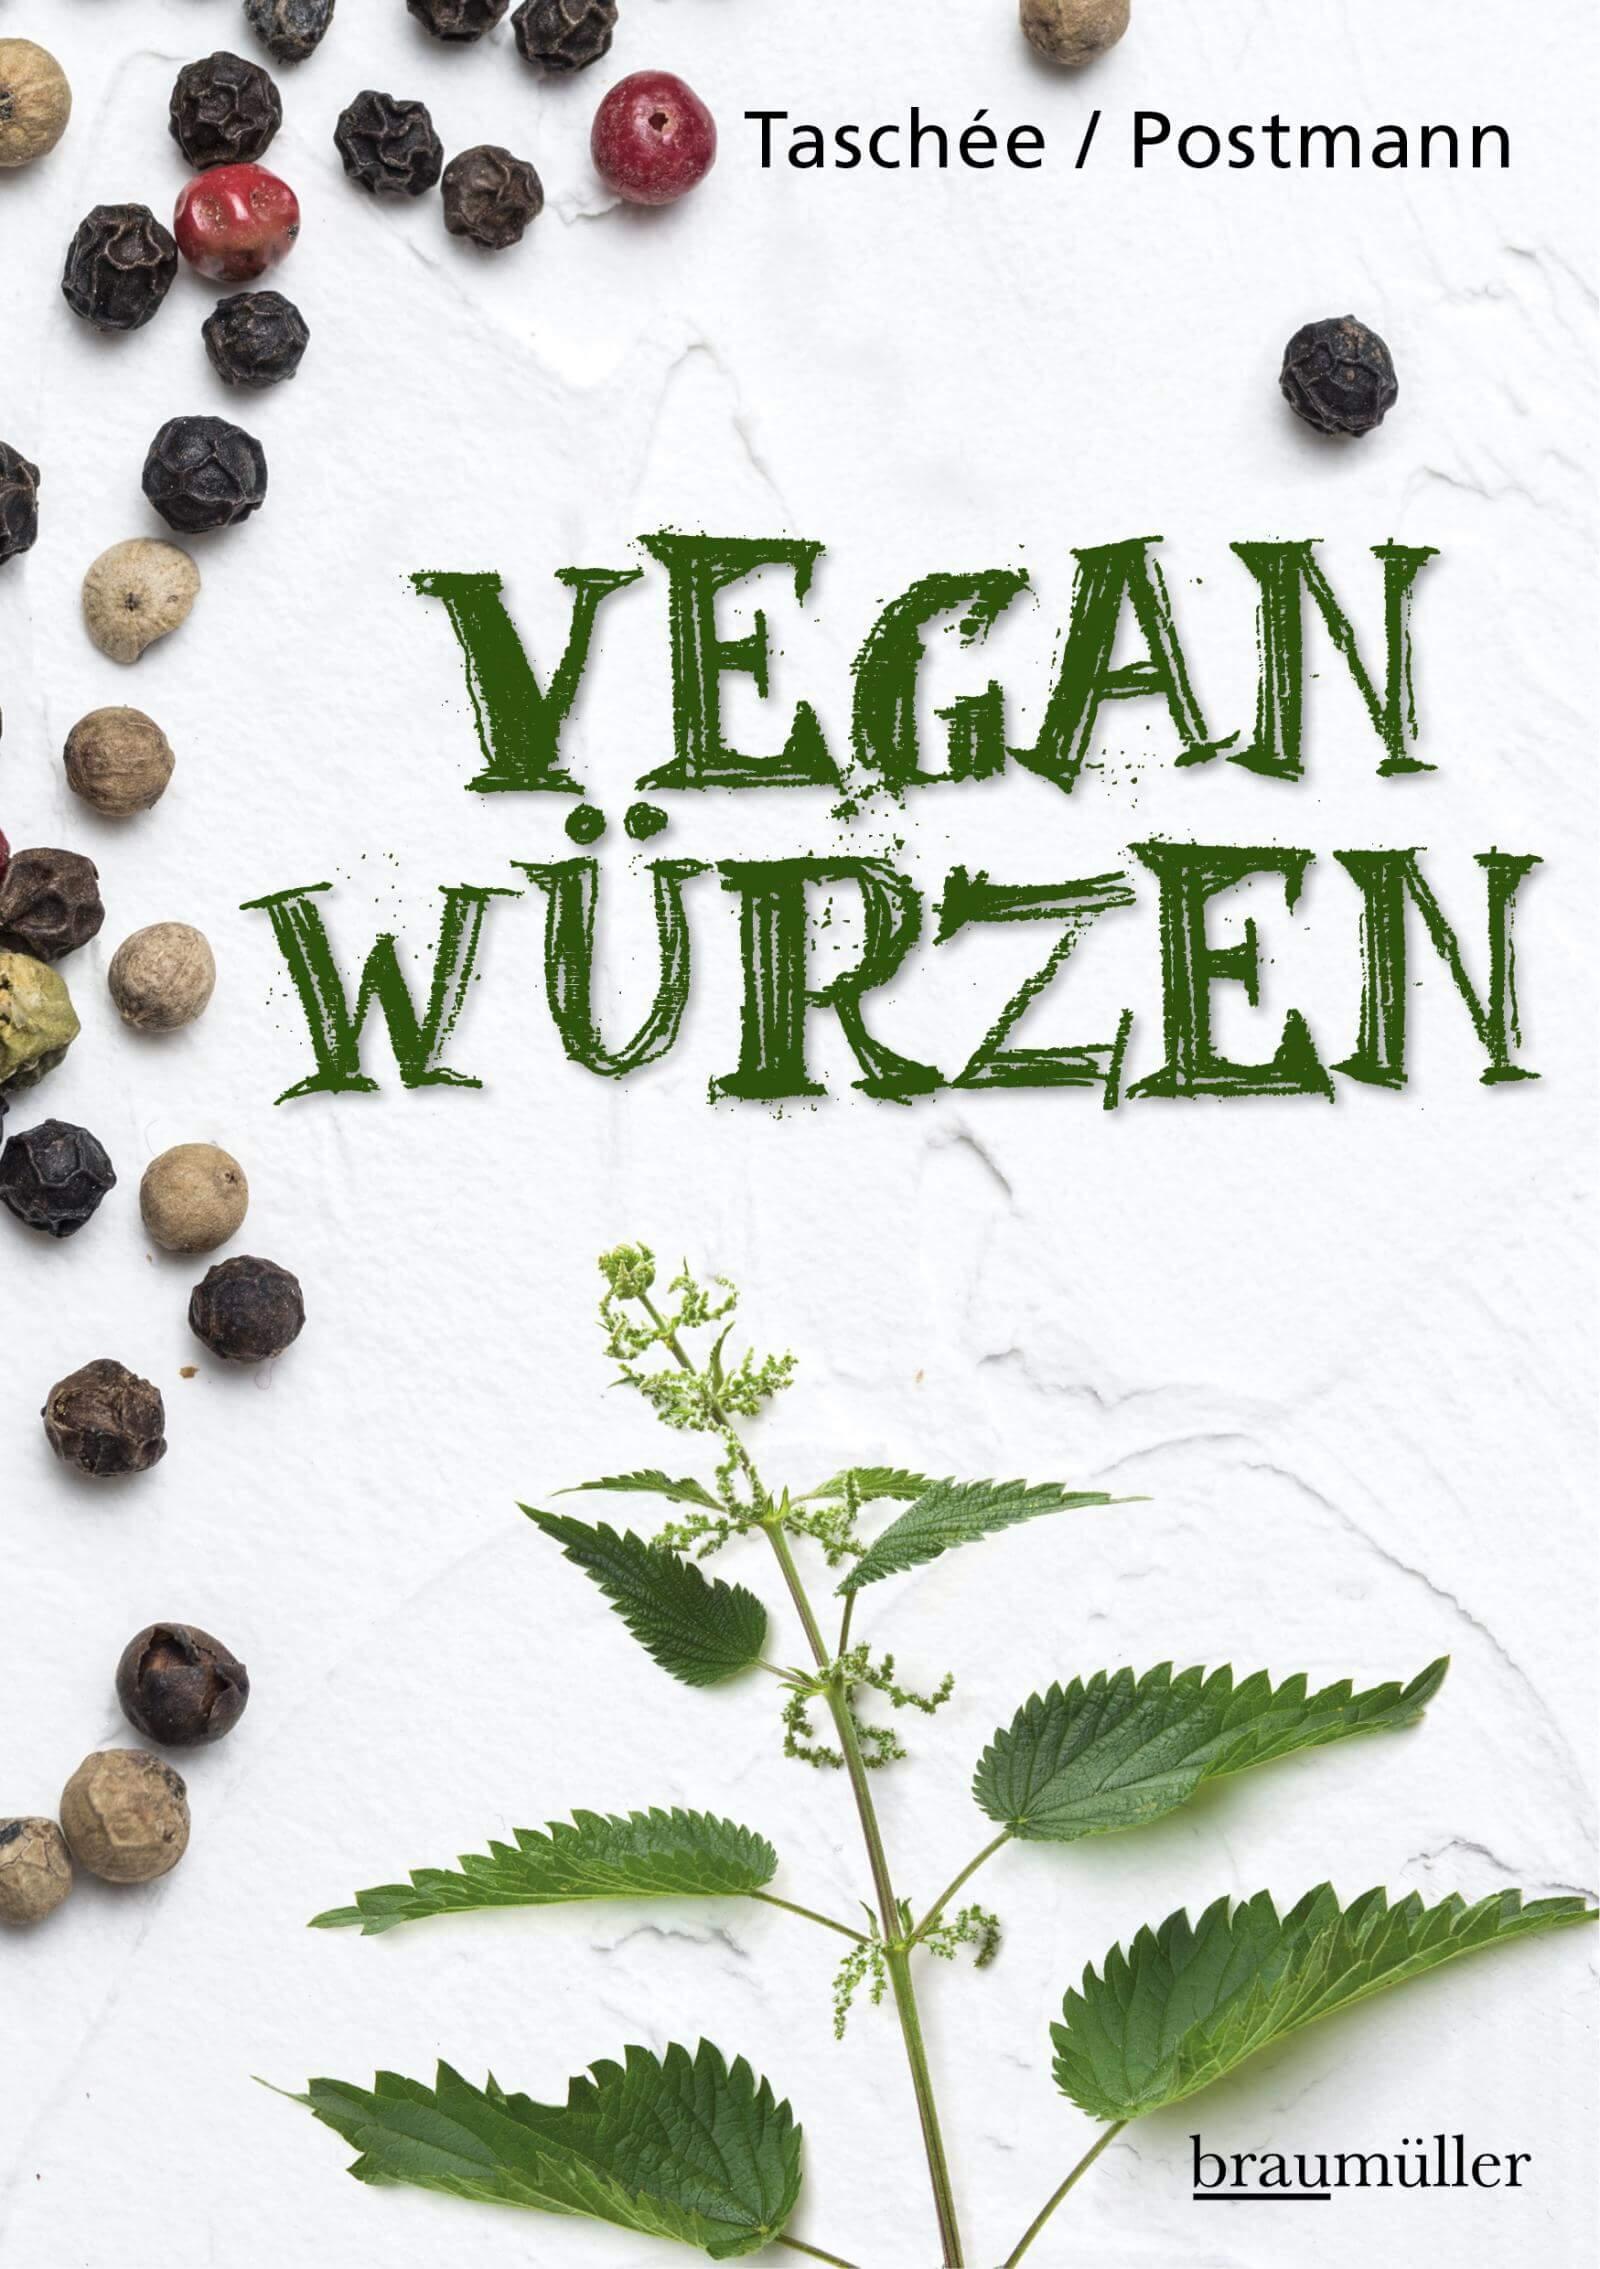 Vegan würzen Cover